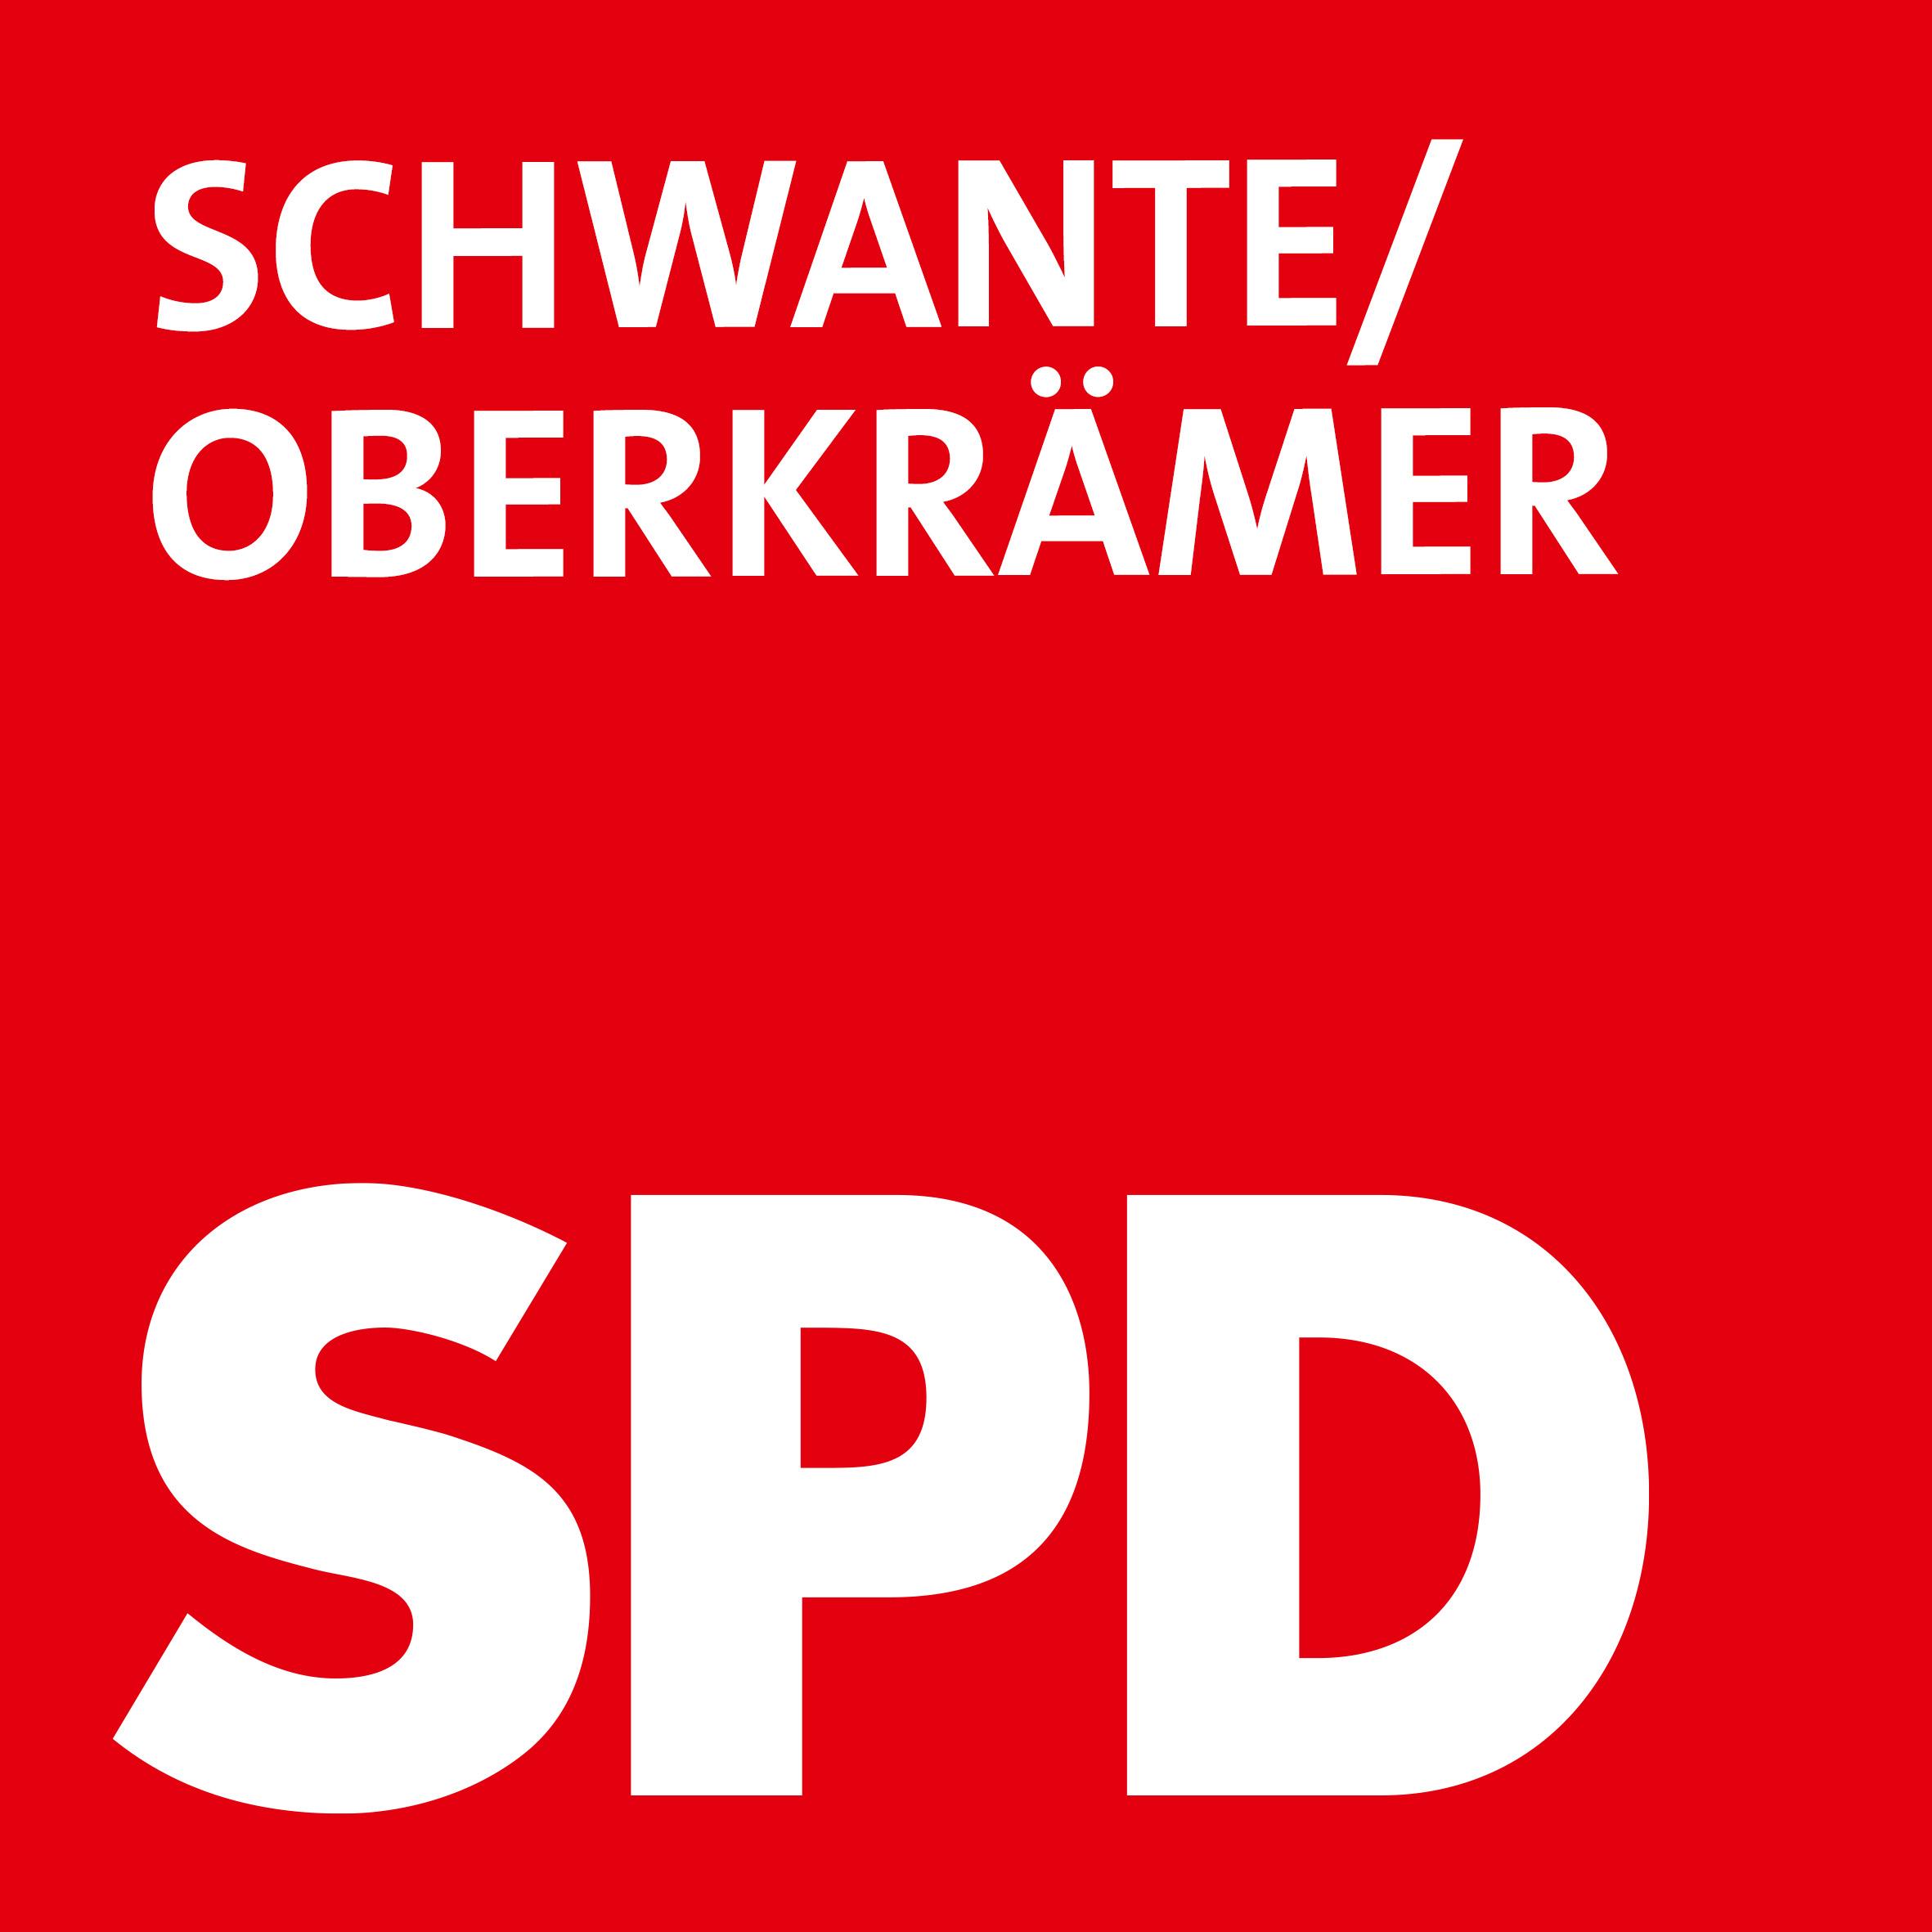 SPD Schwante/Oberkrämer